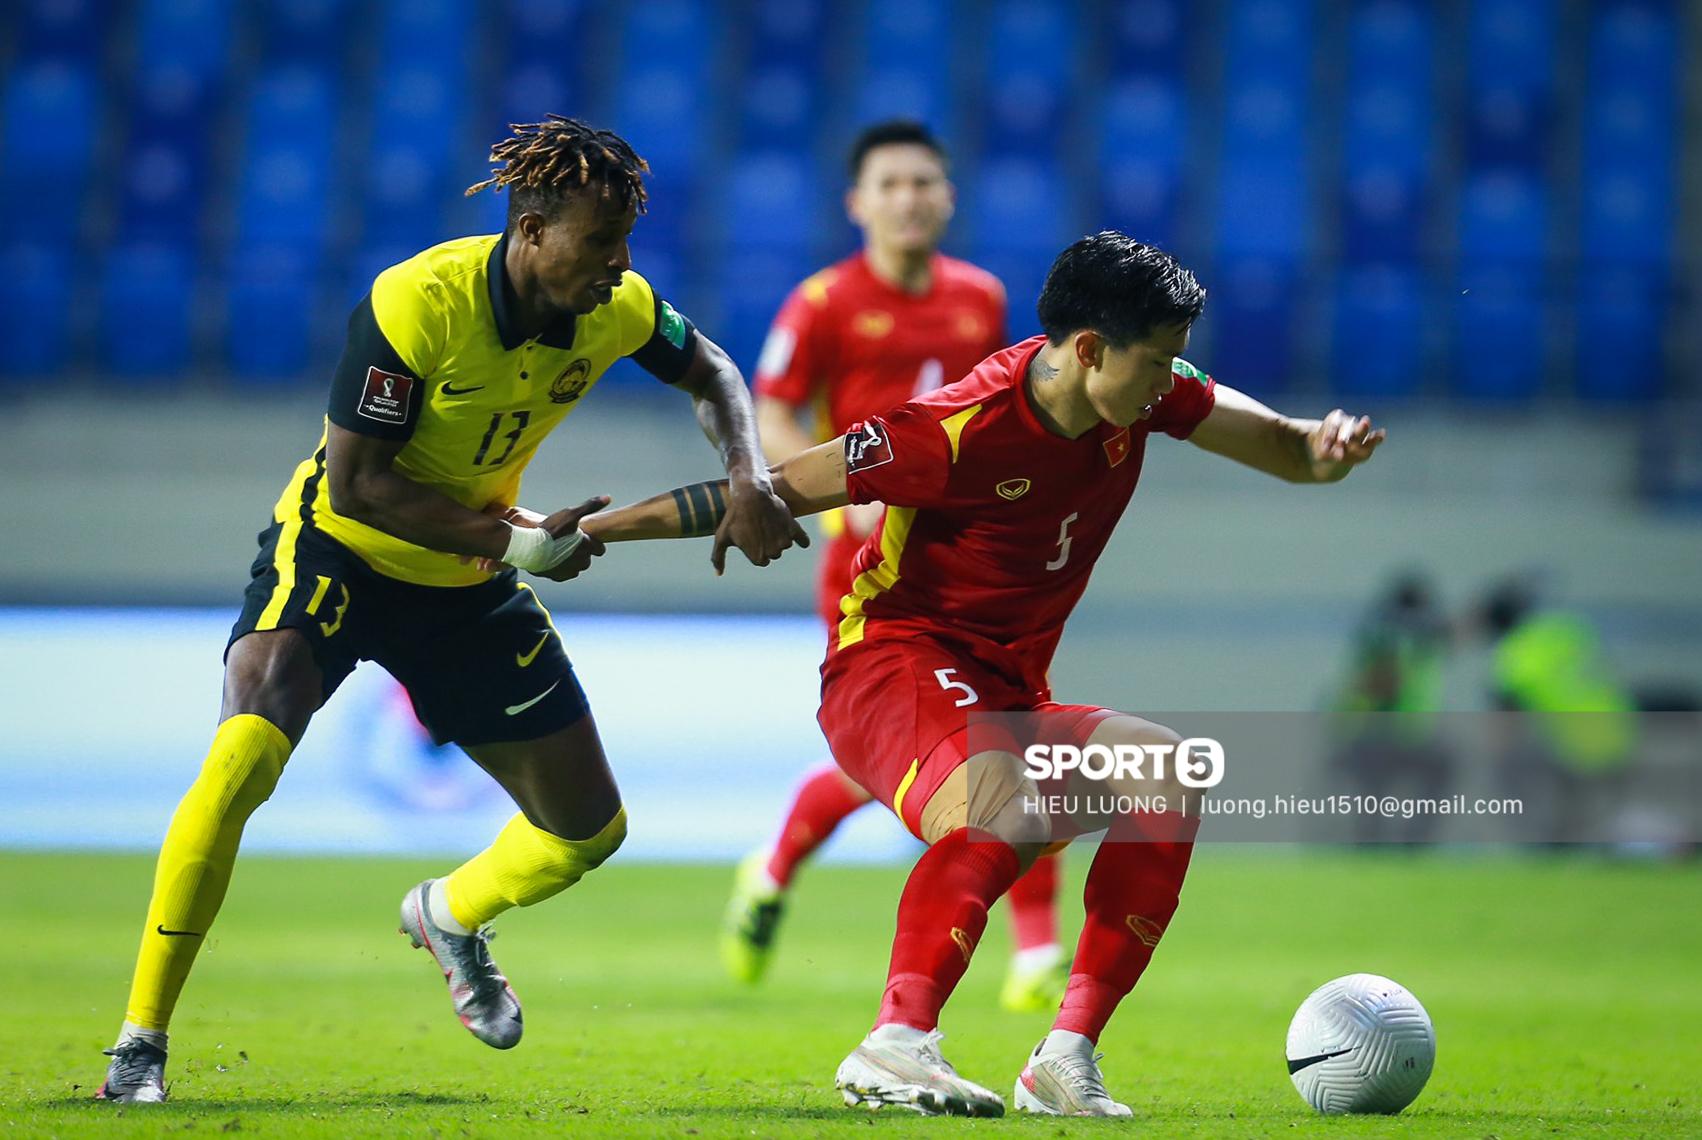 Chùm ảnh tuyển Việt Nam hân hoan với niềm vui chiến thắng Malaysia - ảnh 14